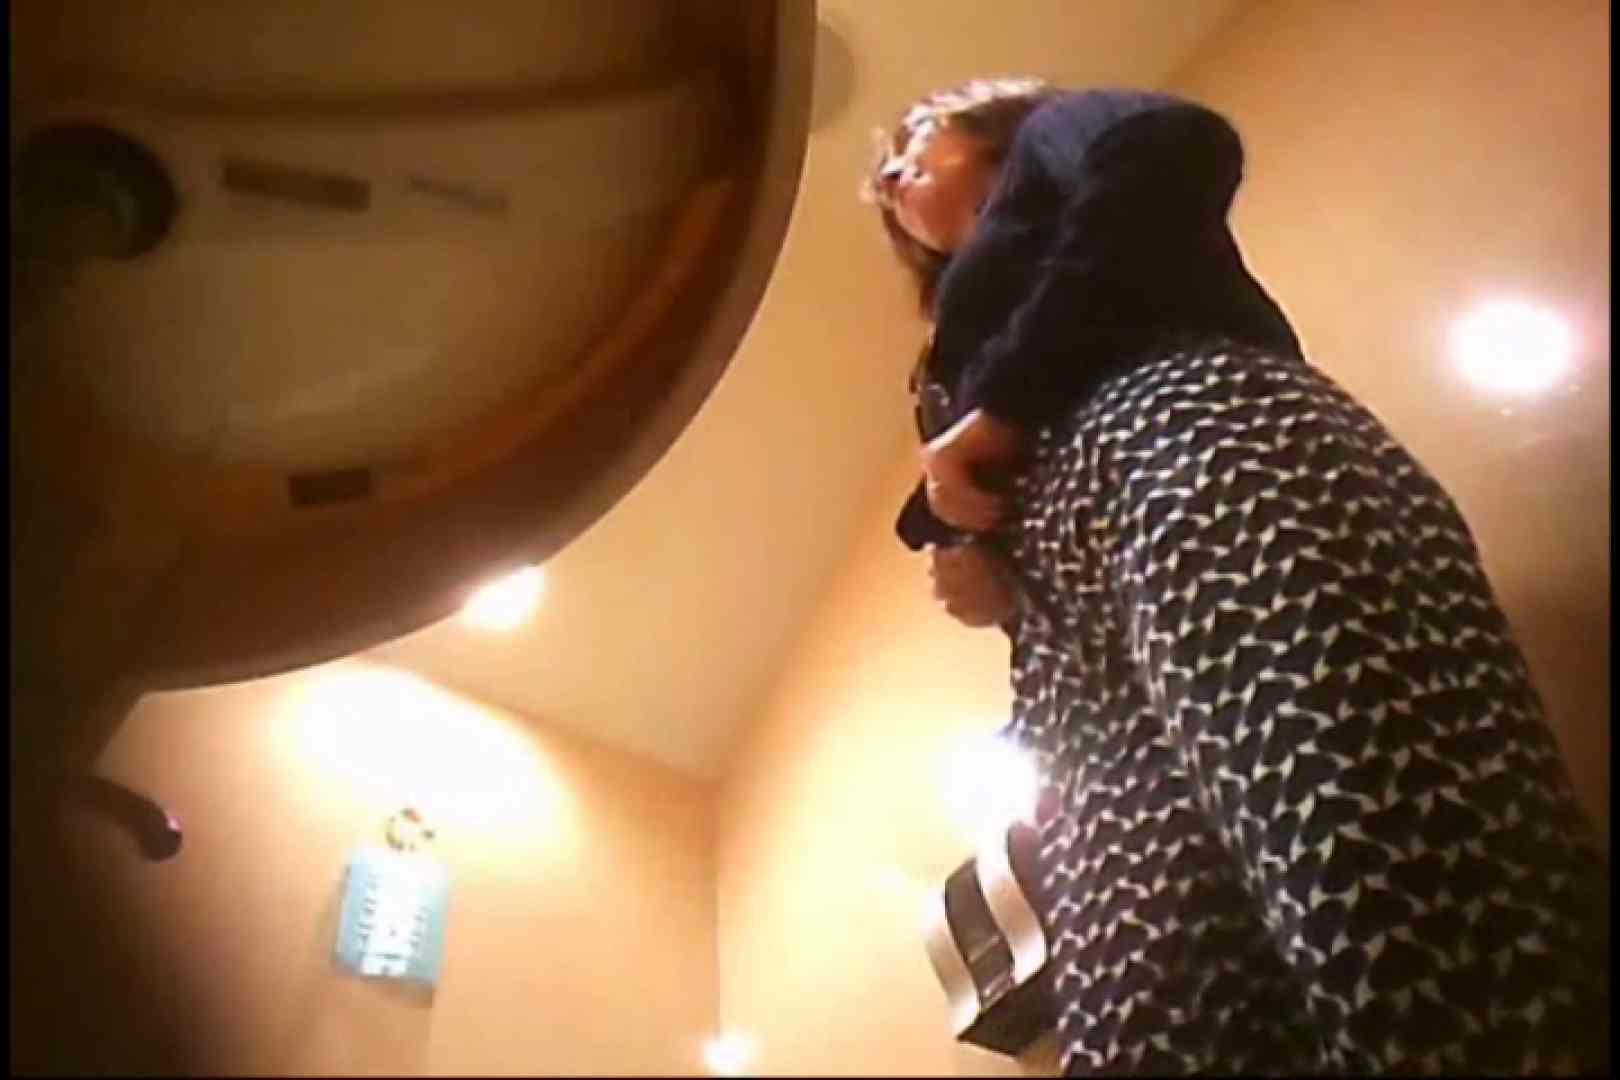 潜入!!女子化粧室盗撮~絶対見られたくない時間~vo,123 潜入 盗撮動画紹介 75連発 38